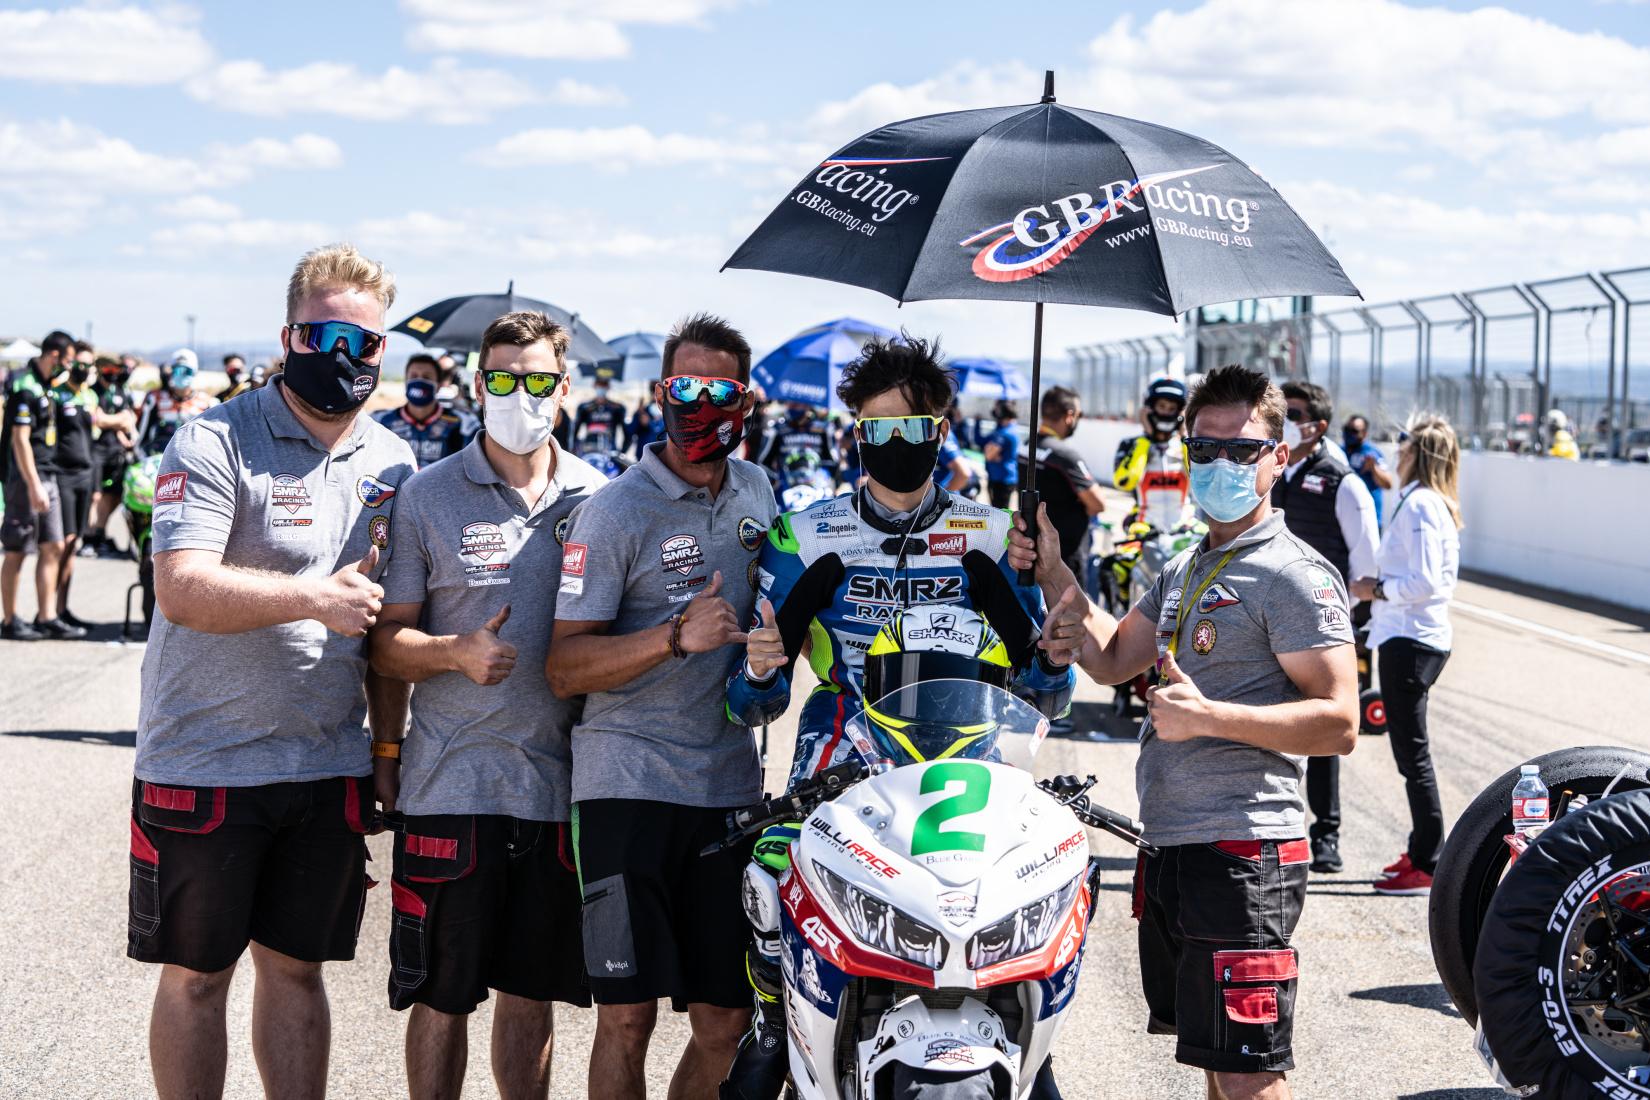 ACCR Czech Talent Team – Willi Race po závodech v Aragónu